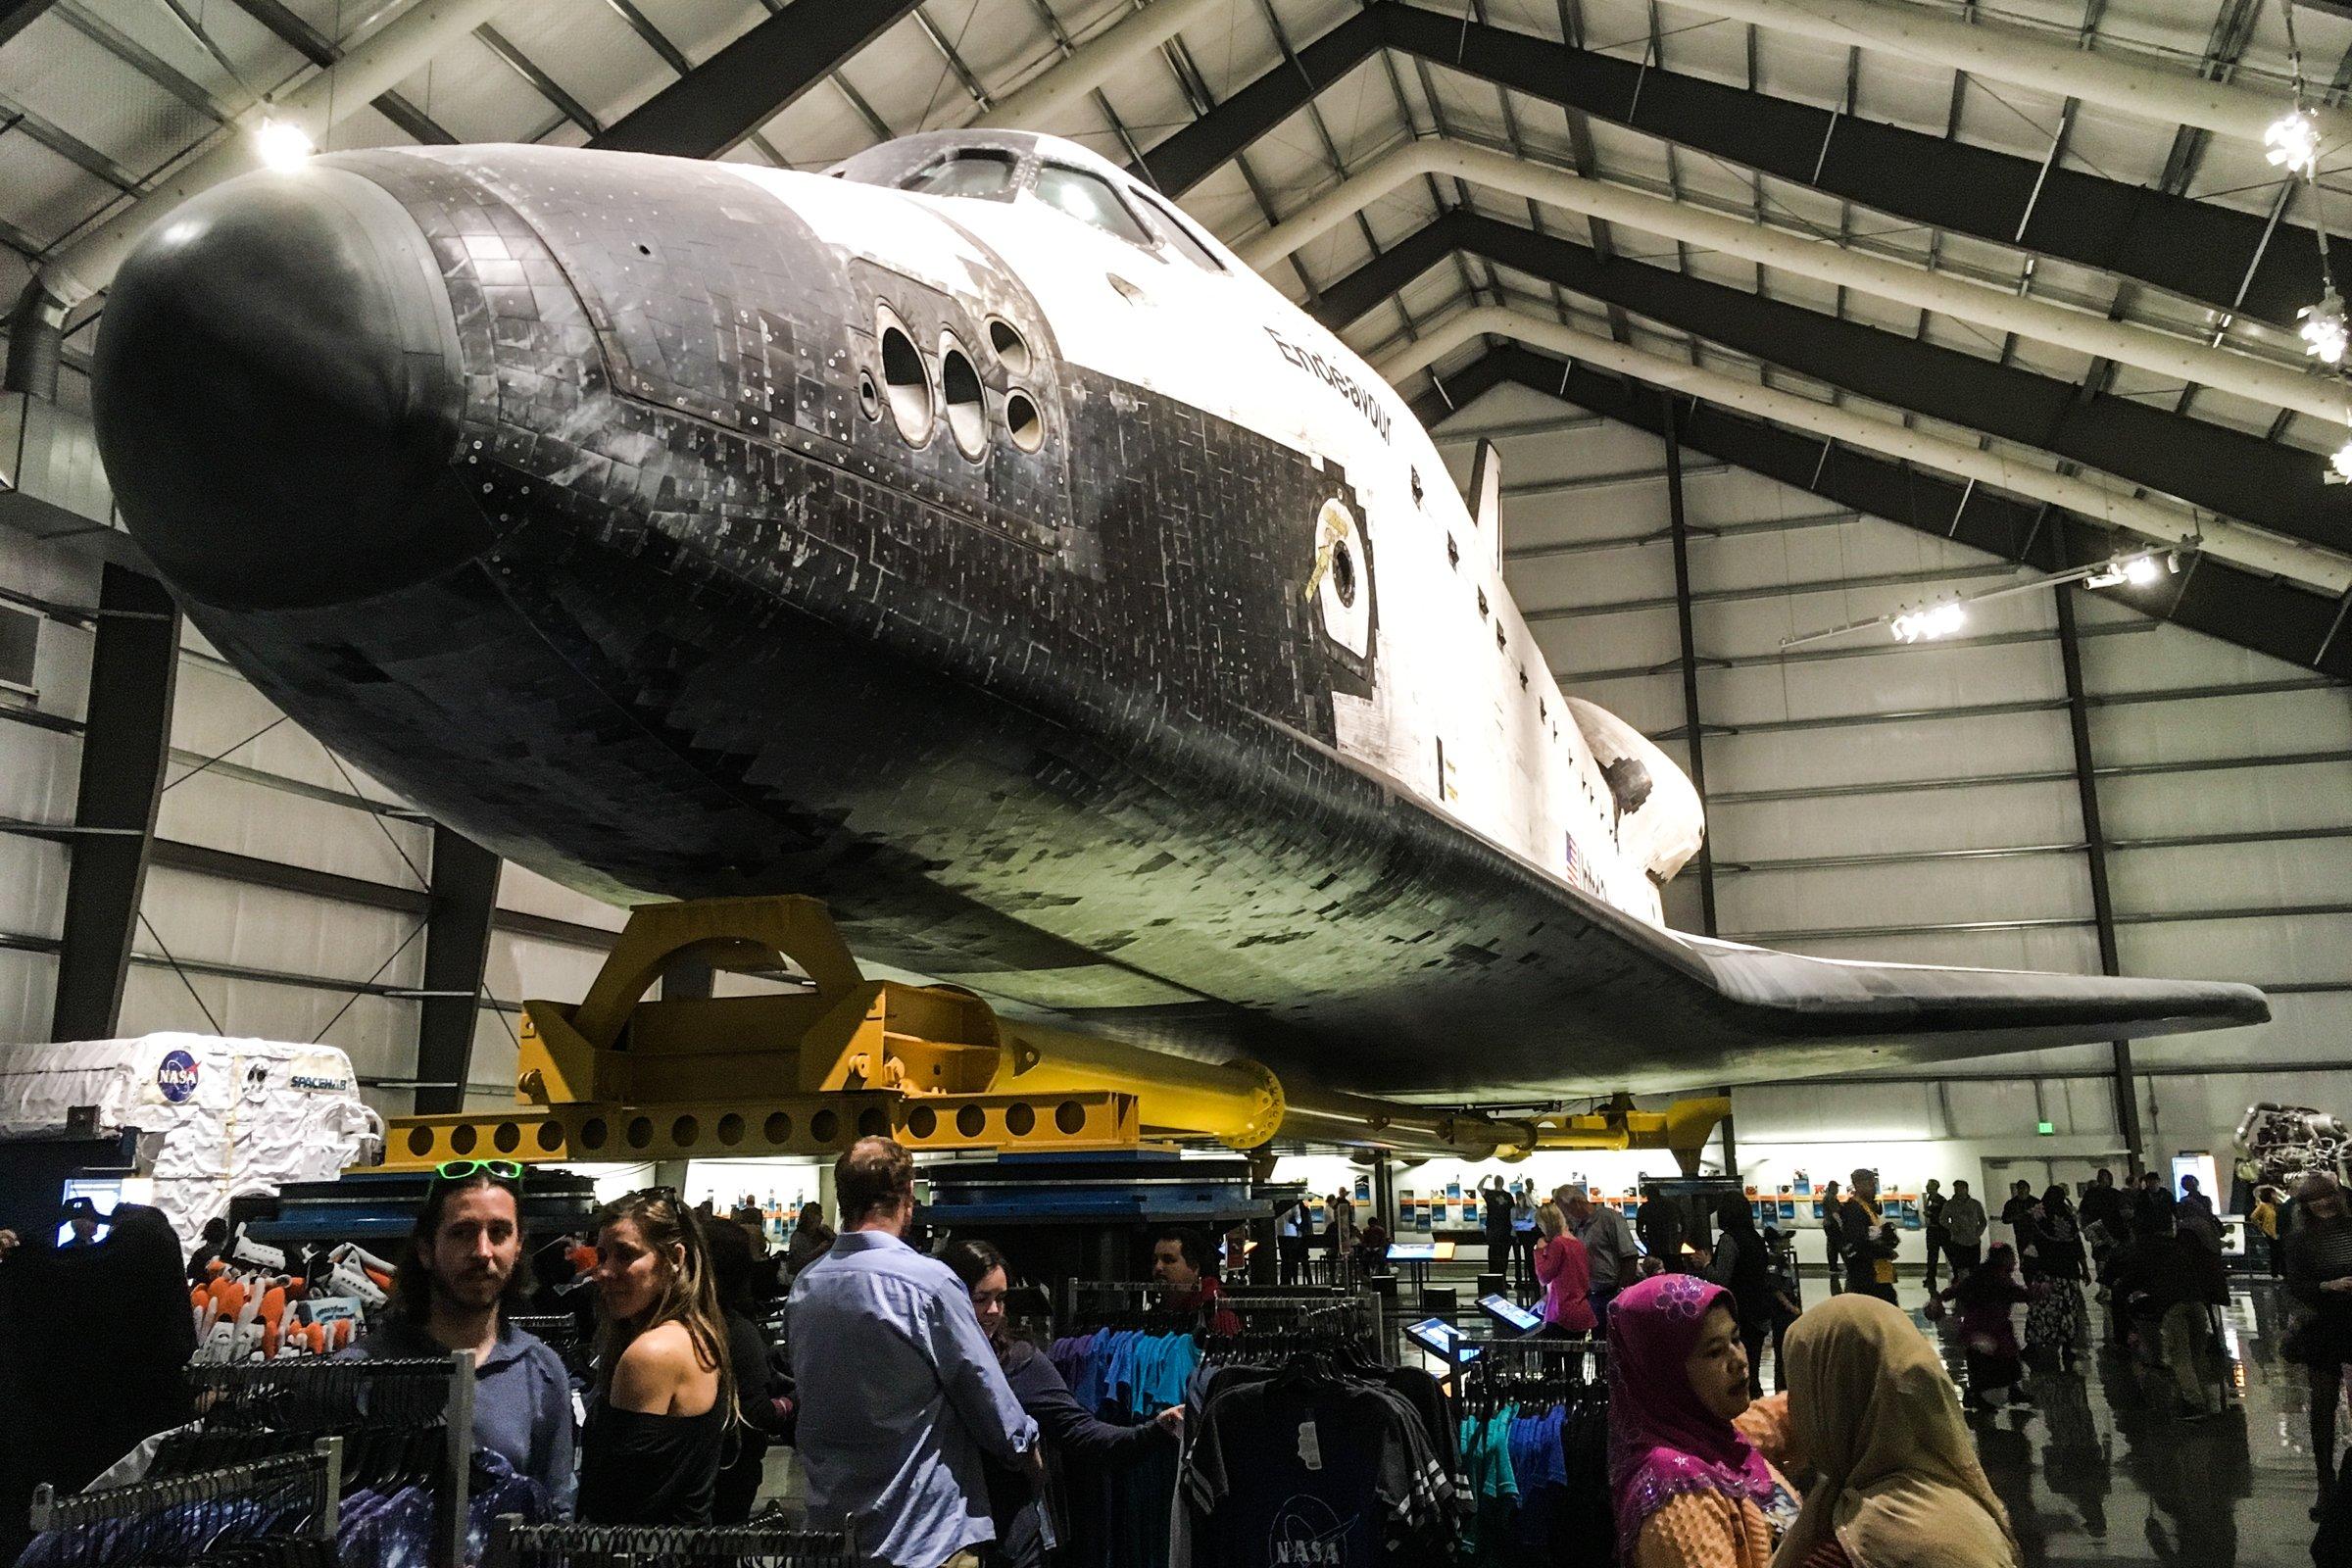 Crowds Under Space Shuttle